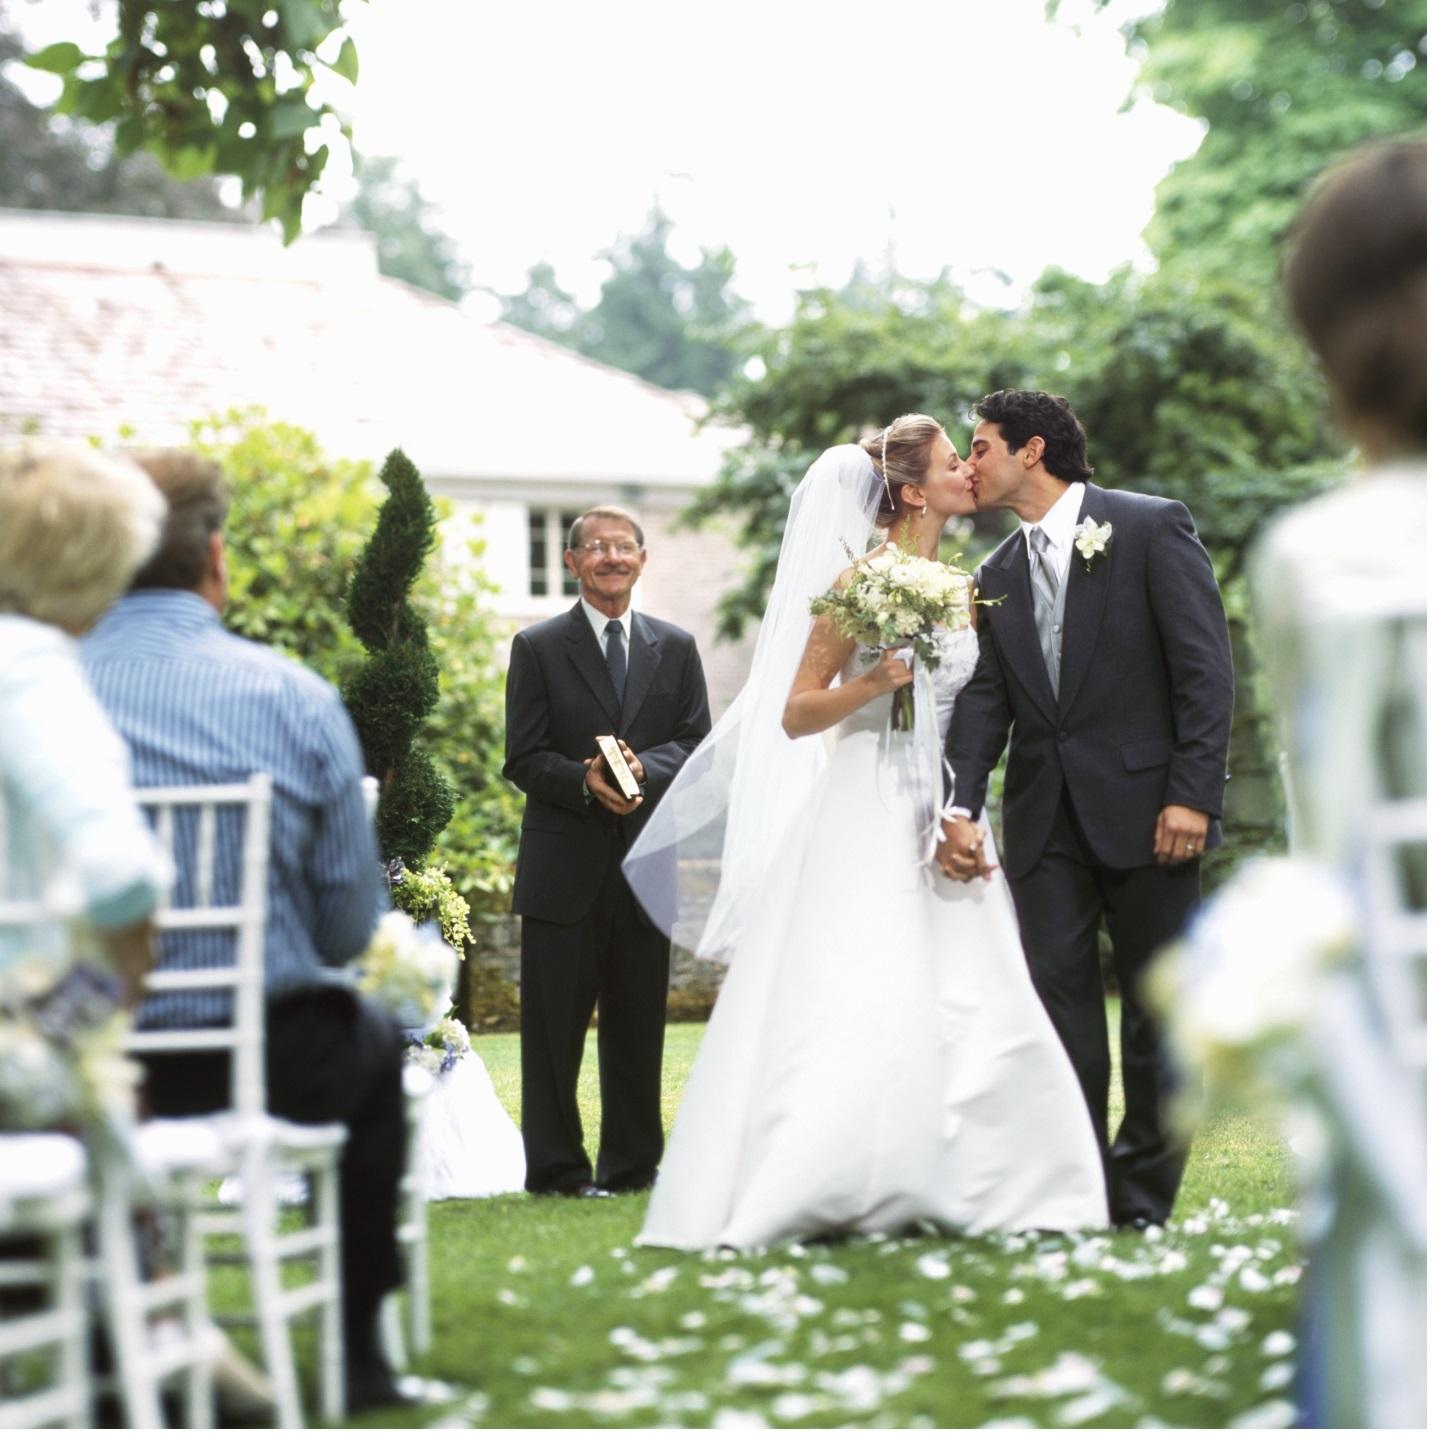 『誓いのキス』にまつわる花嫁のセキララな